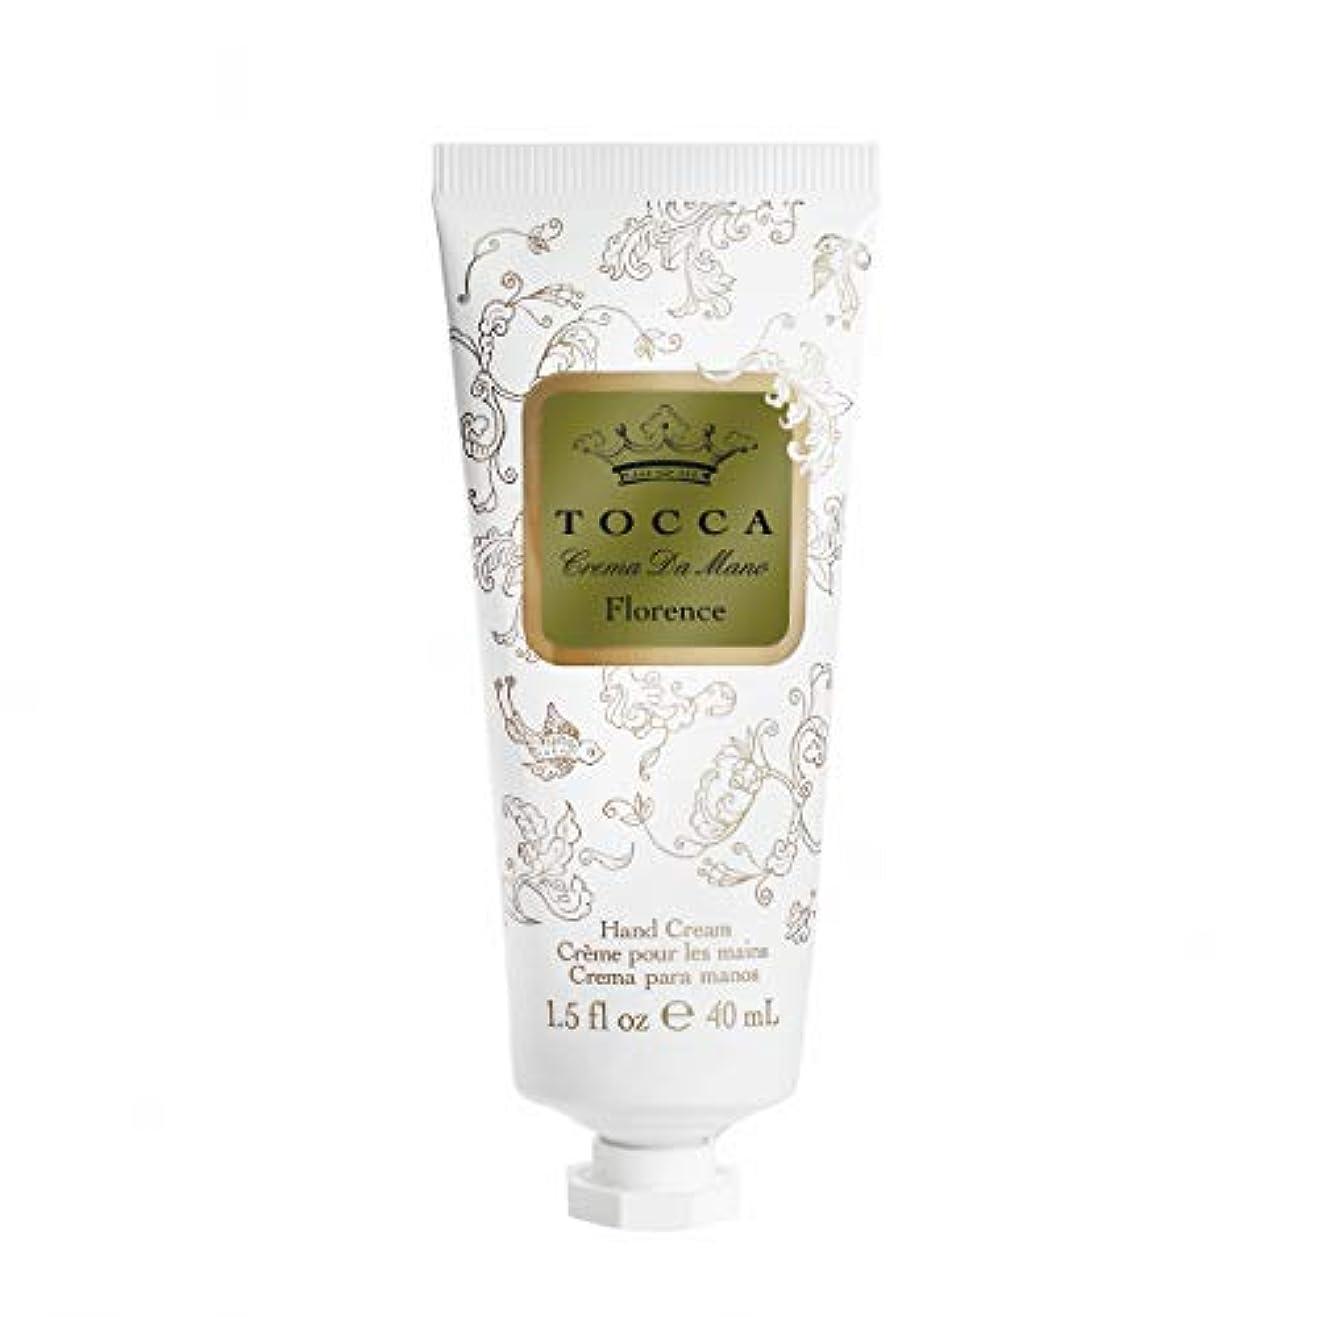 識字新着許さないトッカ(TOCCA) ハンドクリーム フローレンスの香り 40mL (ガーデニアとベルガモットが誘うように溶け合うどこまでも上品なフローラルの香り)